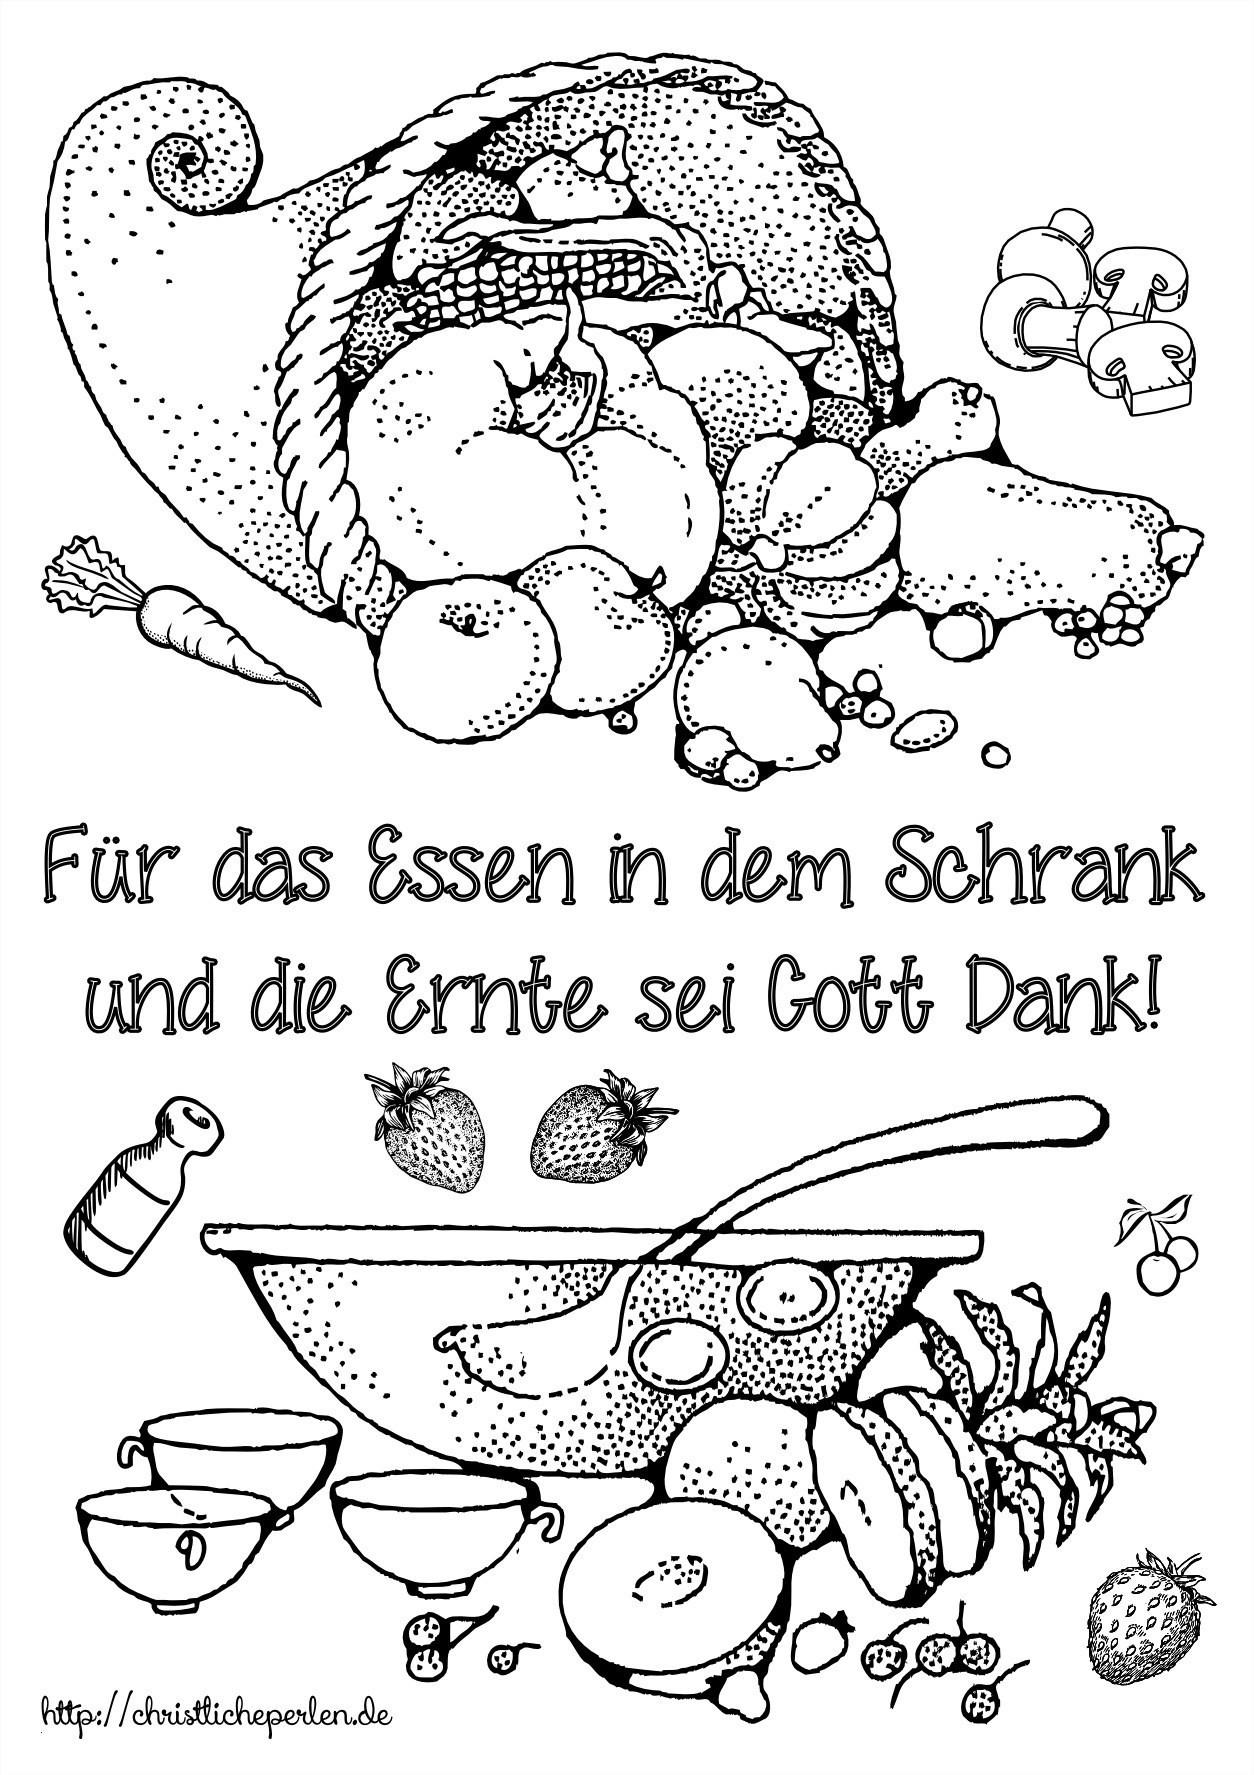 Rosen Zum Ausmalen Frisch Ausmalbilder Rosen Mit Herz Inspirierend Rosen Mit Herzen Sammlung